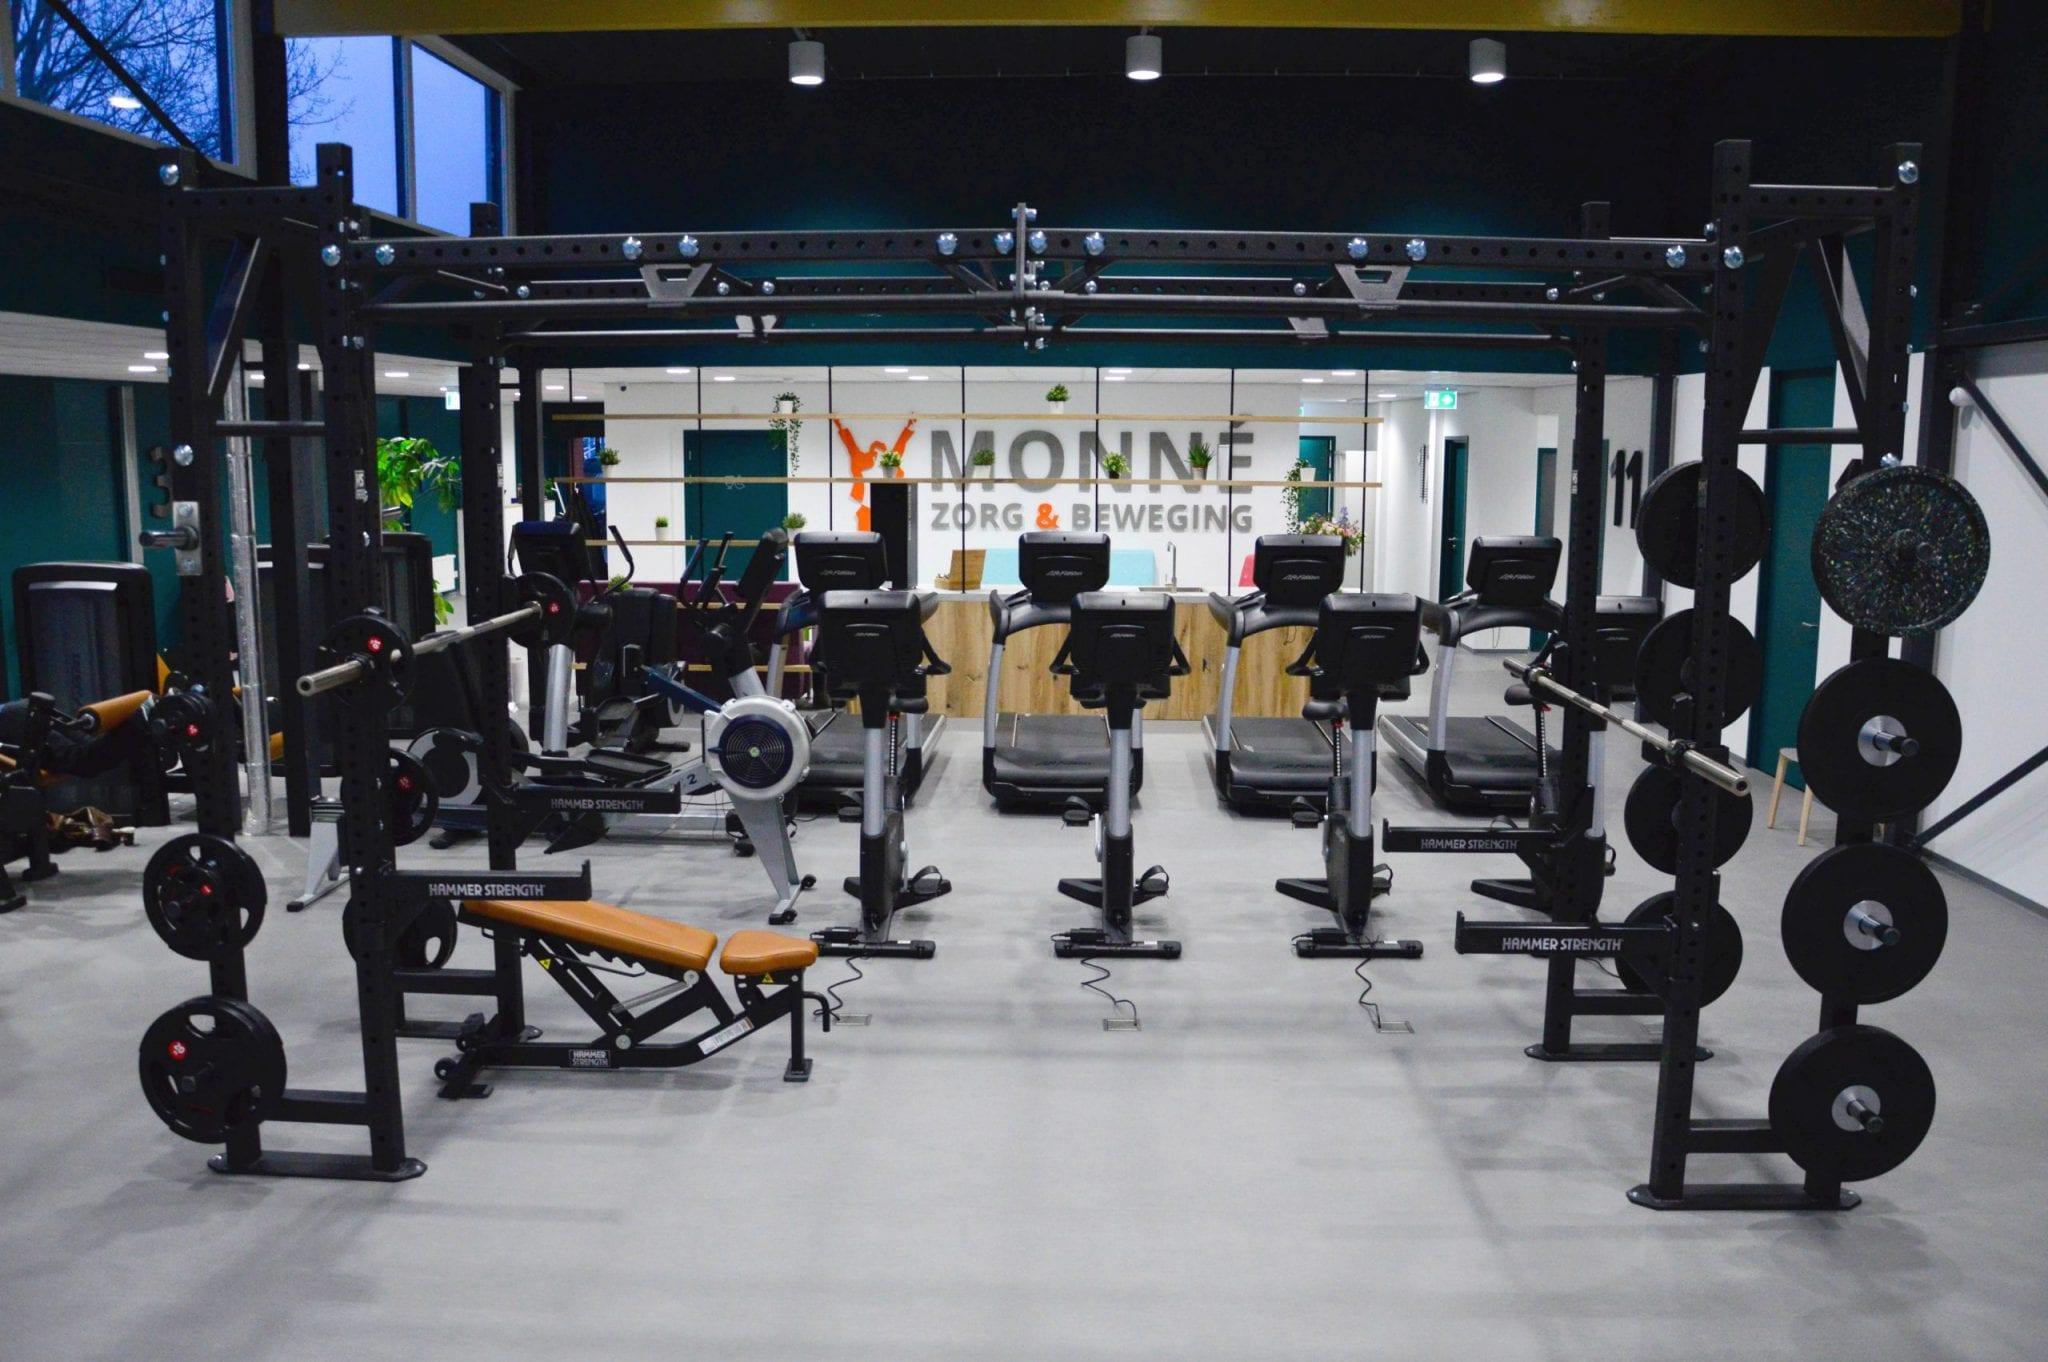 Belcrum - locatie | Monné Zorg & Beweging